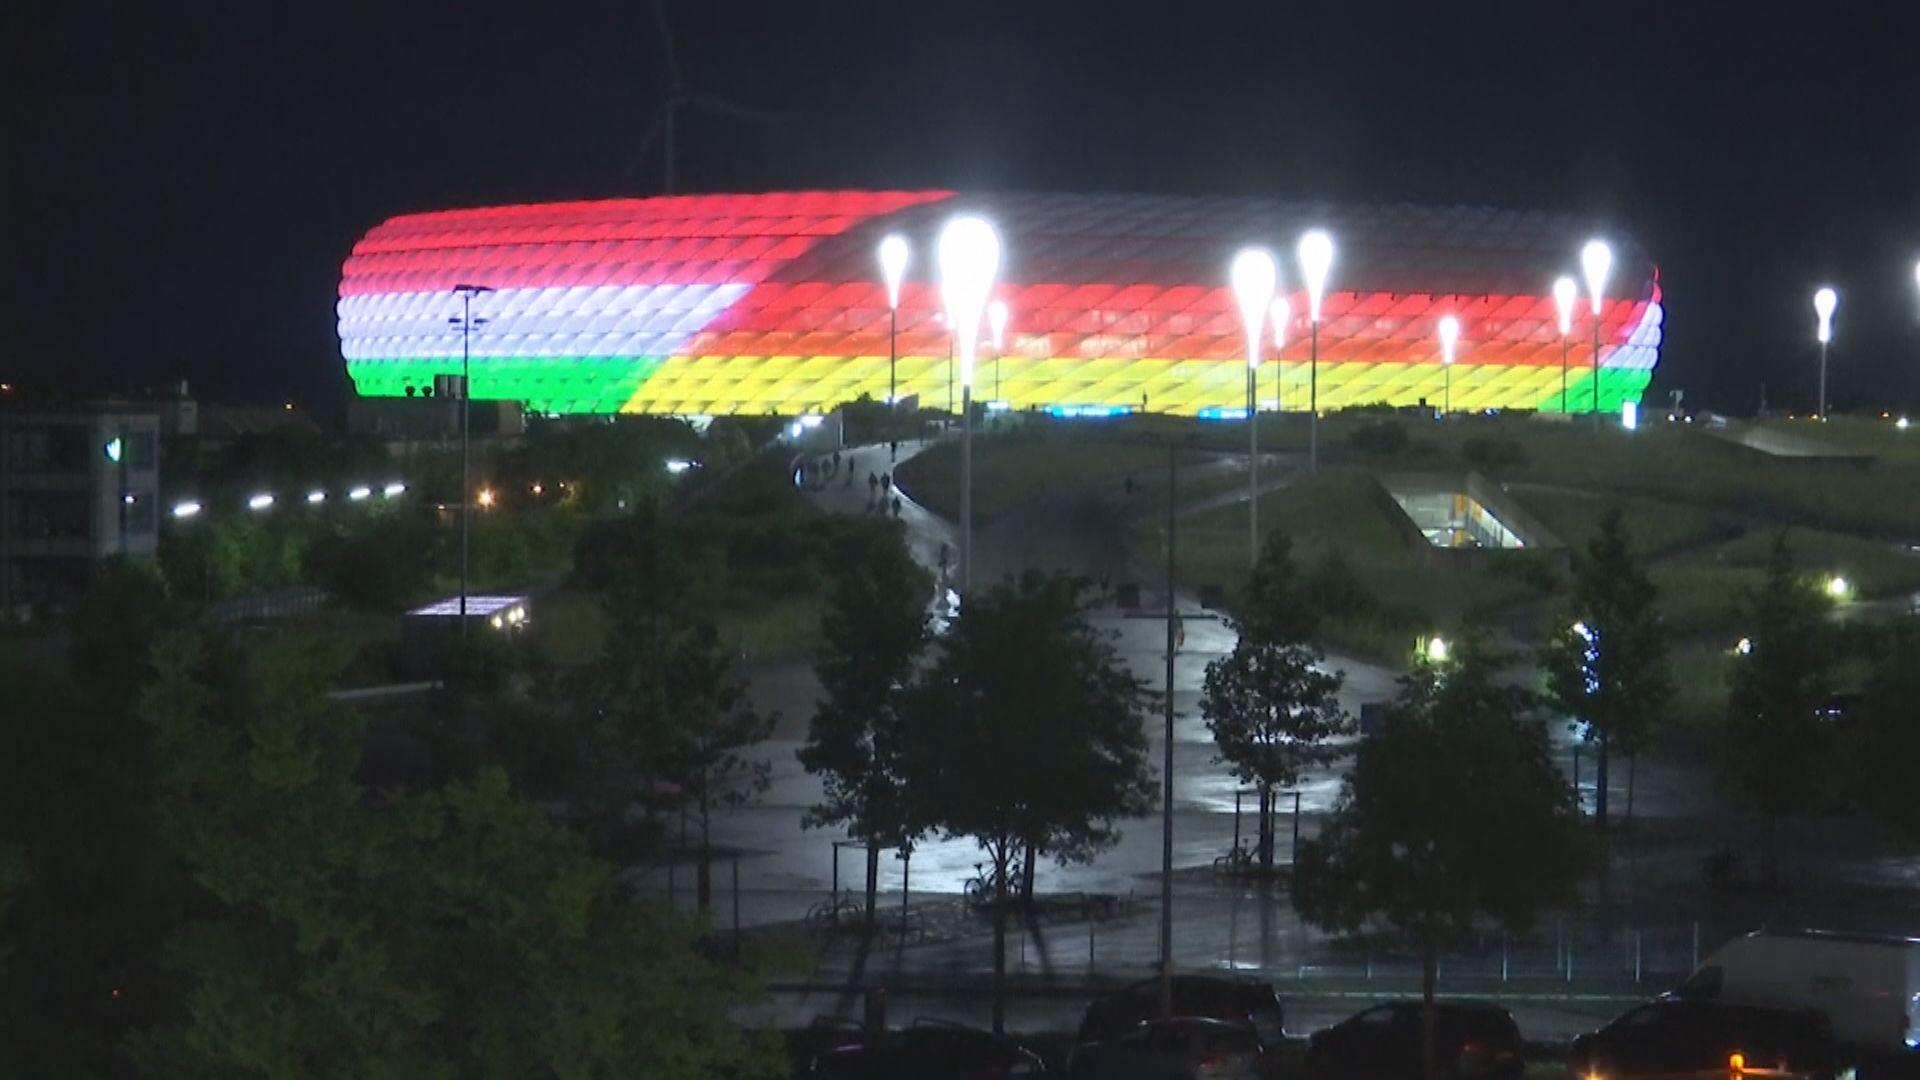 歐洲足協拒安聯球場展示彩虹燈 遭各界批評